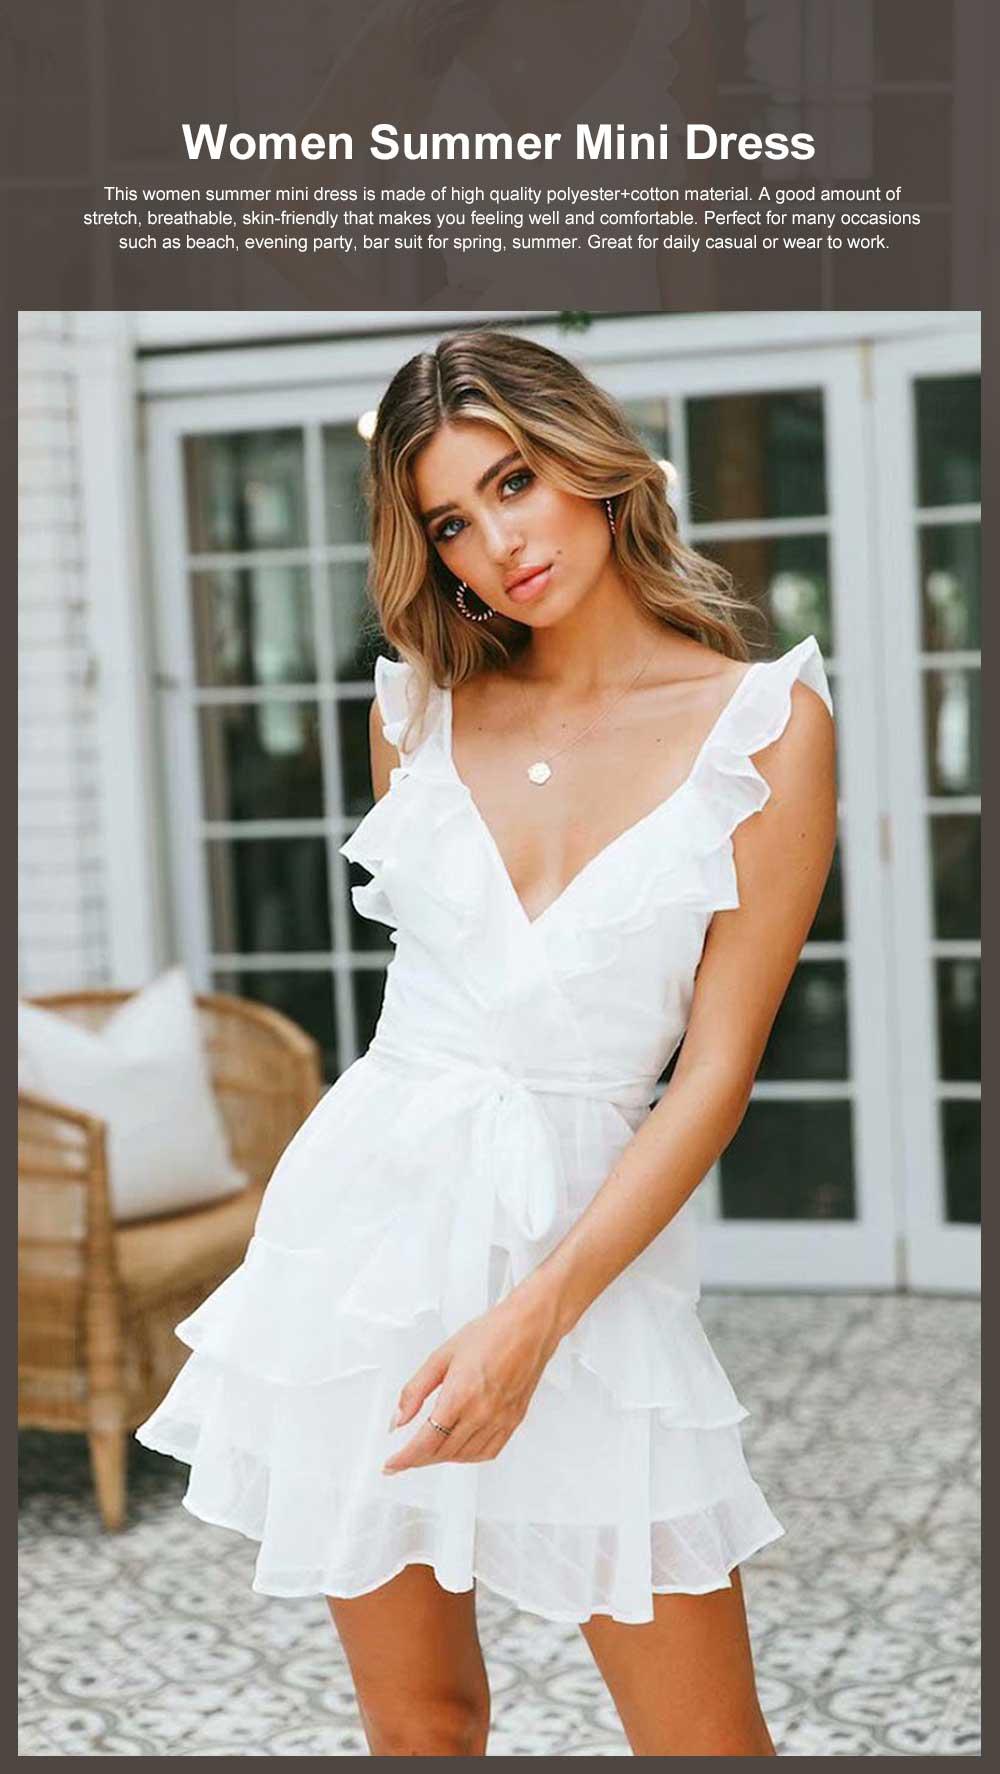 Women Summer Mini Dress Ruffle V-neck Side Split Sleeveless Boho Dress High Waist Tie A Line Sweat Beach Dresses Best Gifts for Women 0